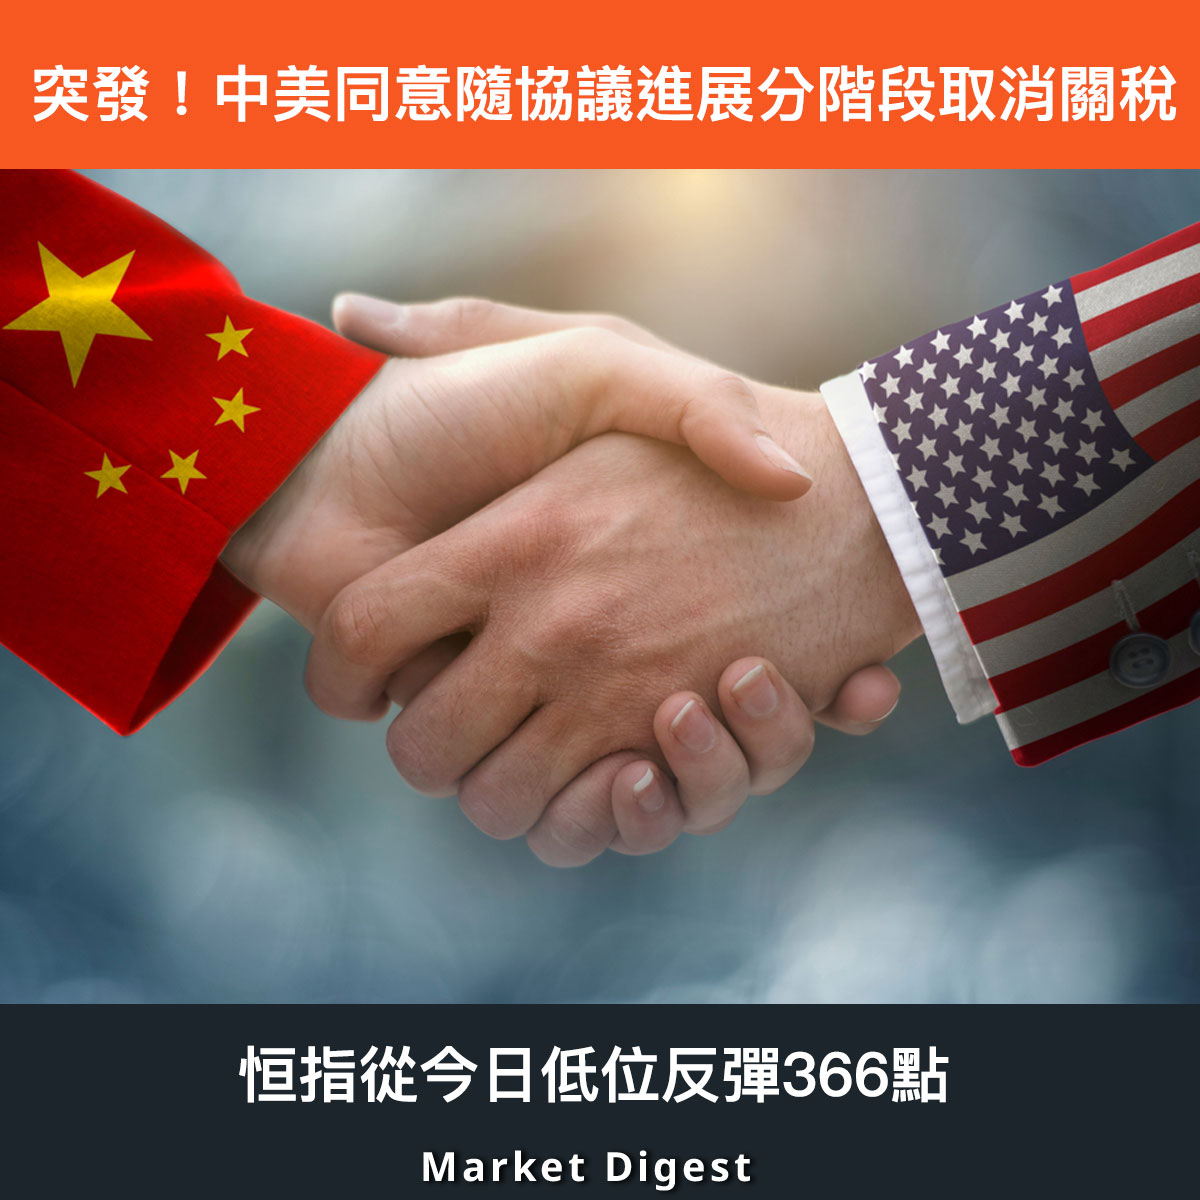 【中美貿易戰】突發!中美同意隨協議進展分階段取消關稅